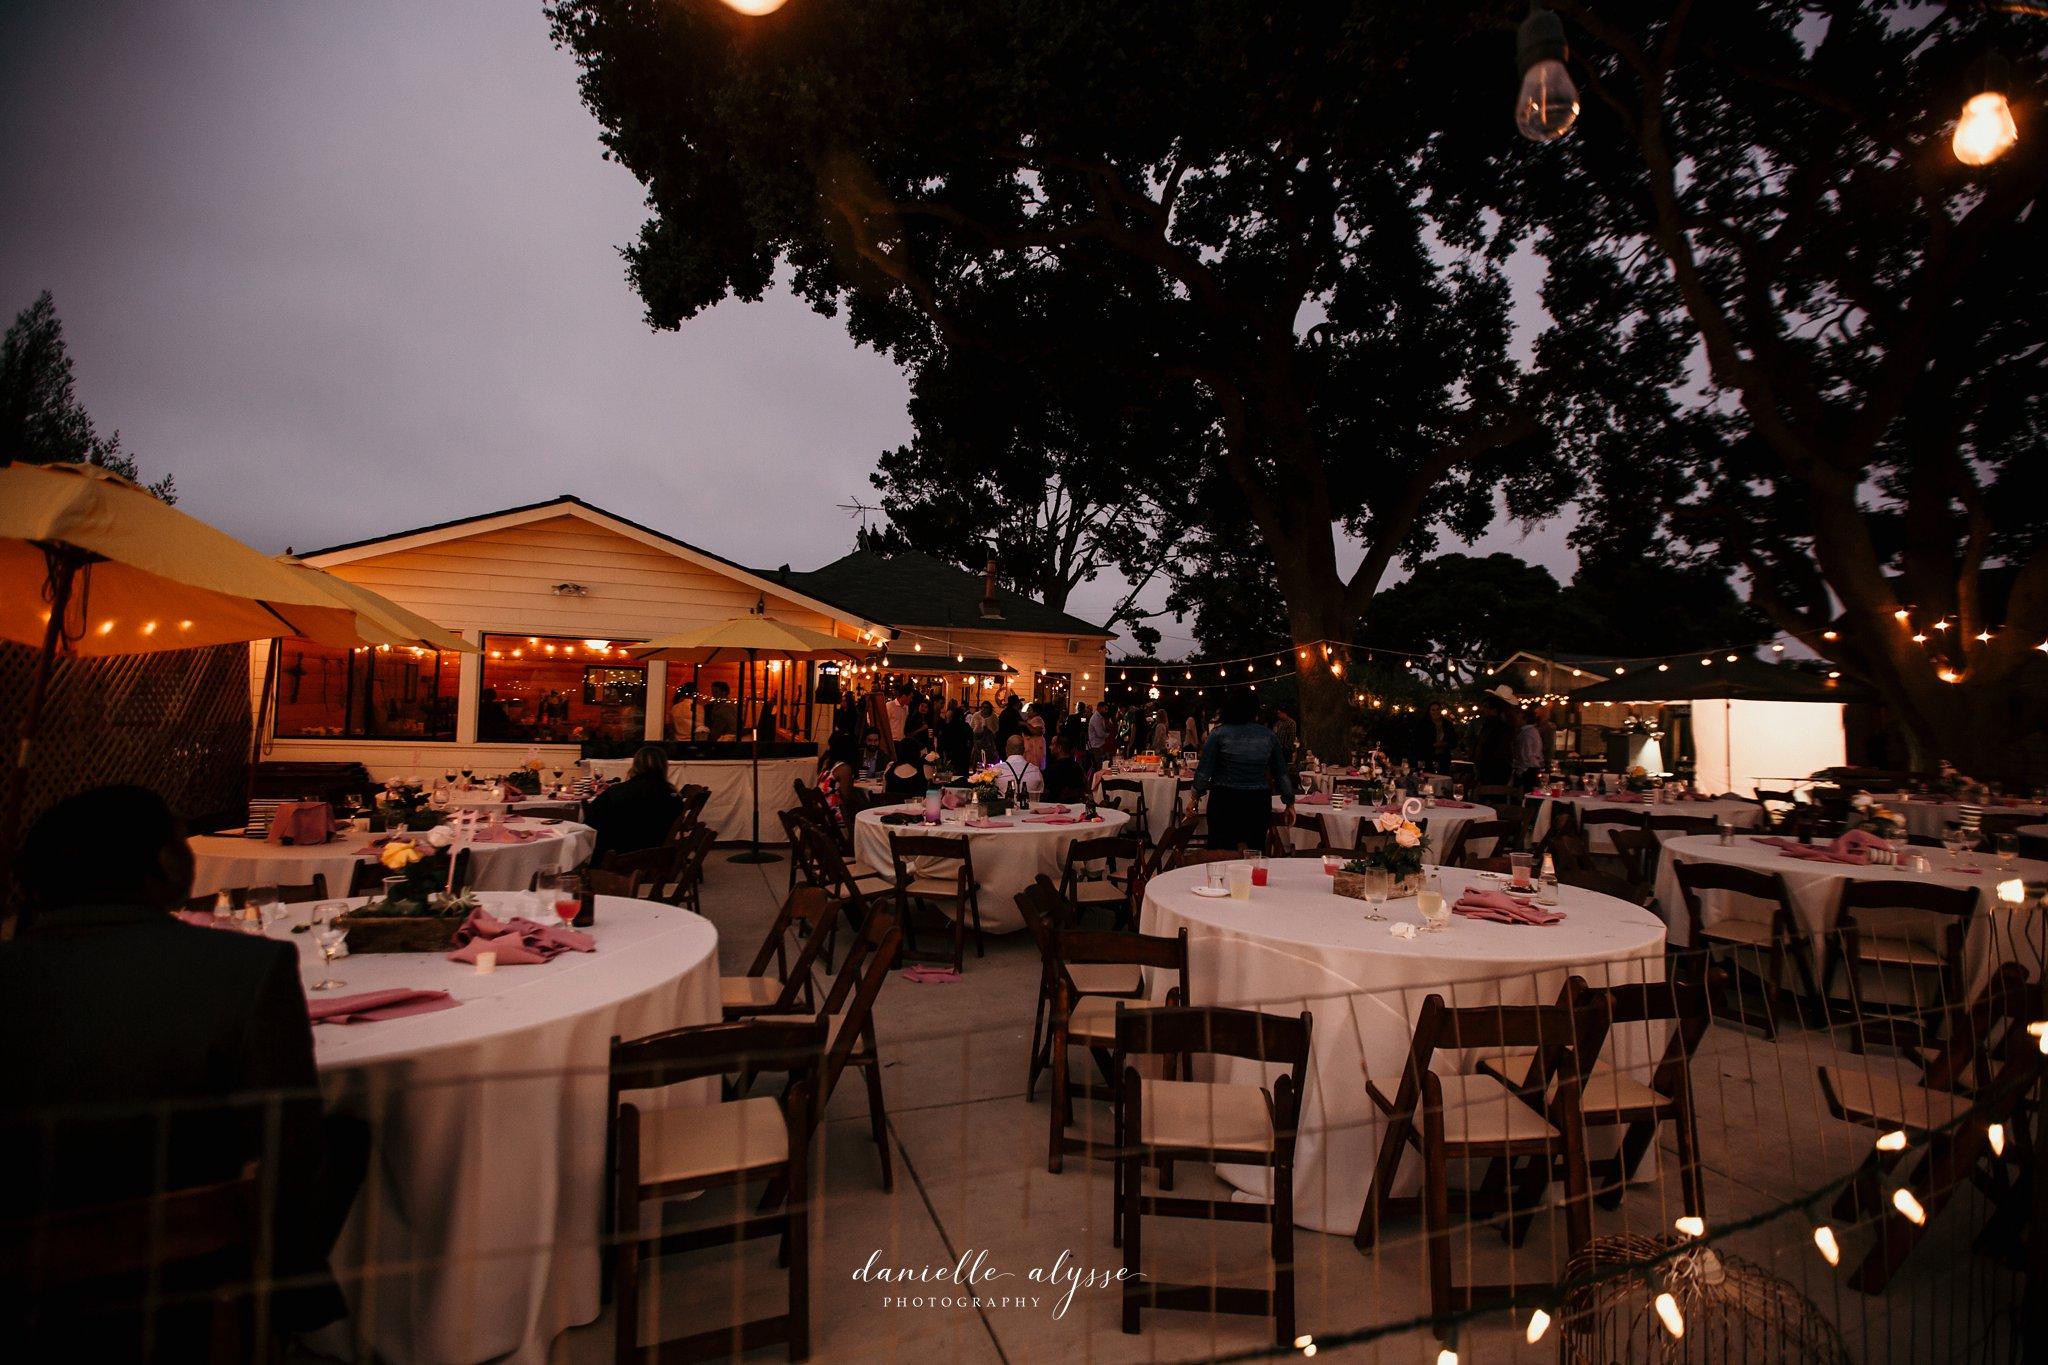 180630_wedding_lily_ryan_mission_soledad_california_danielle_alysse_photography_blog_1212_WEB.jpg